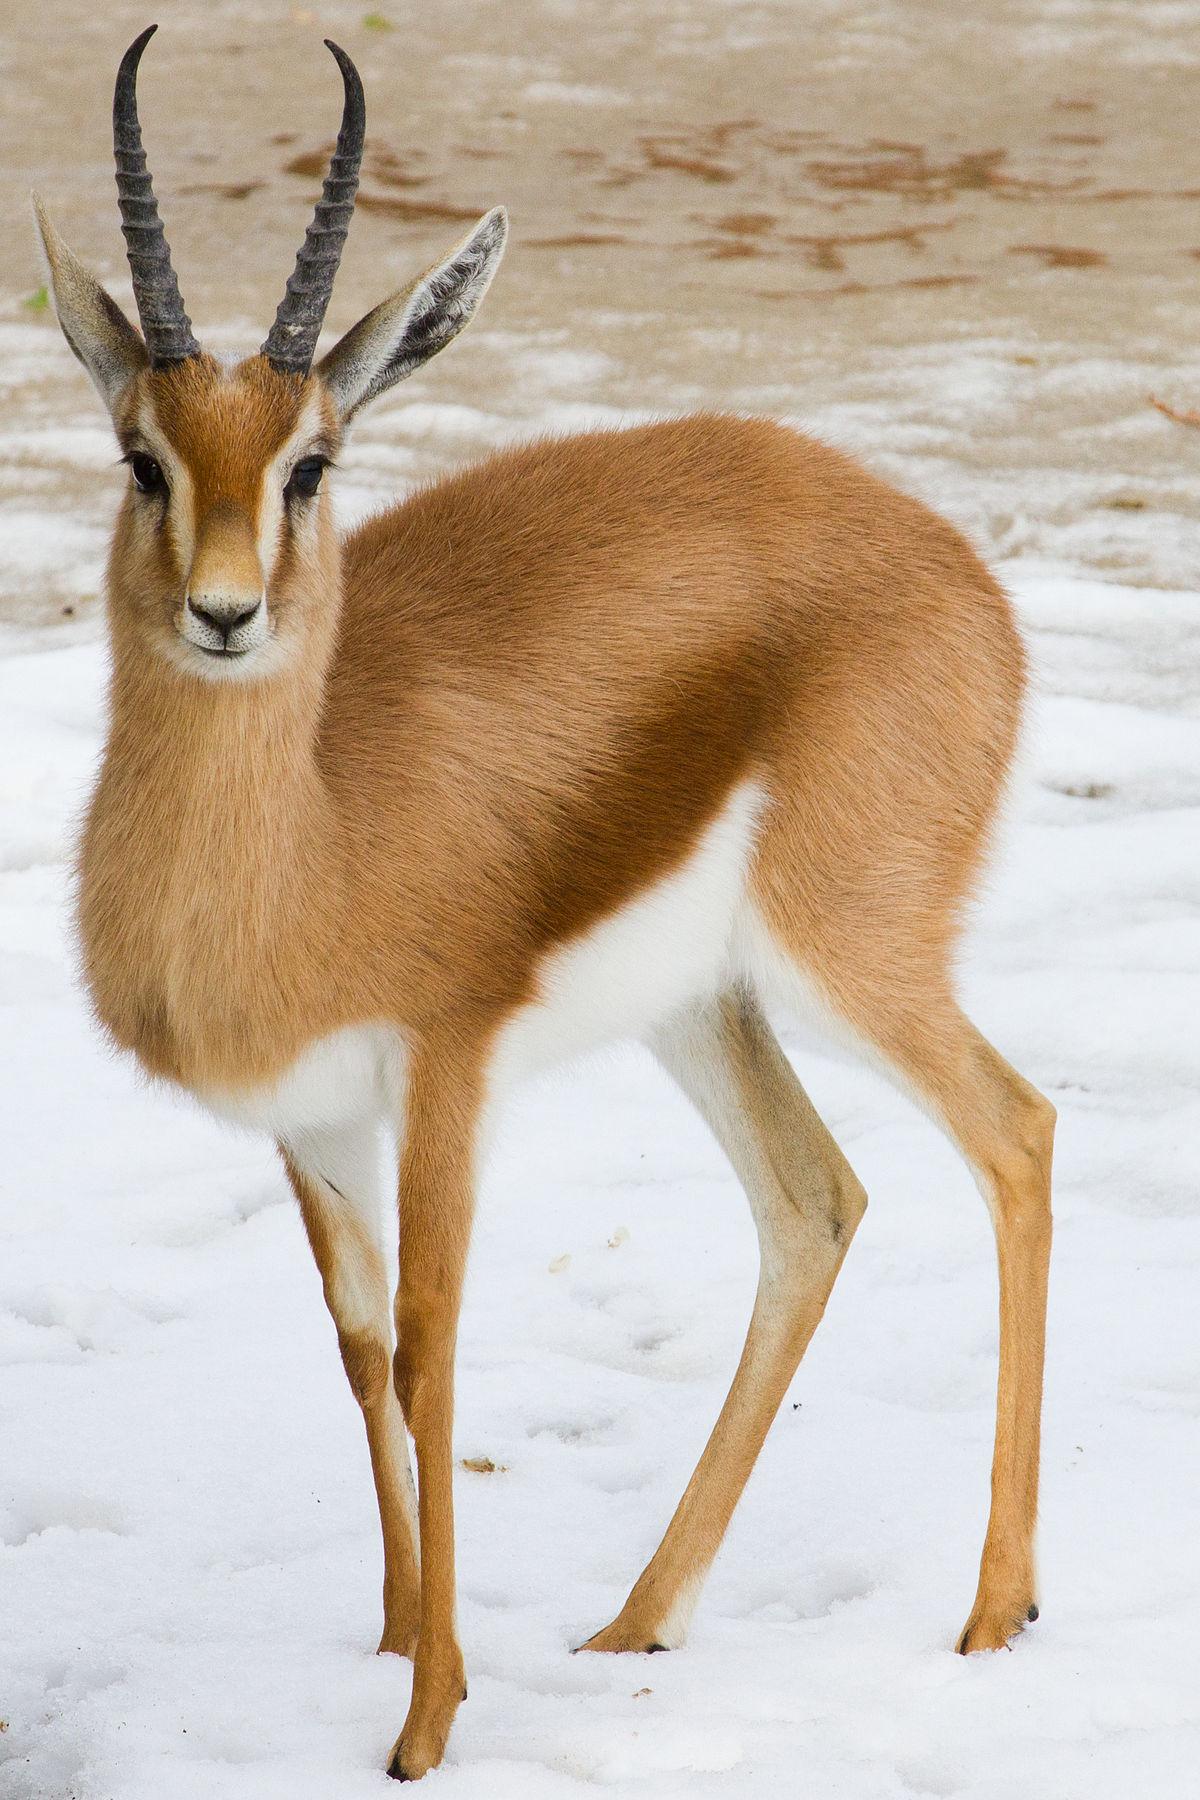 Dorcas gazelle - Wikip...